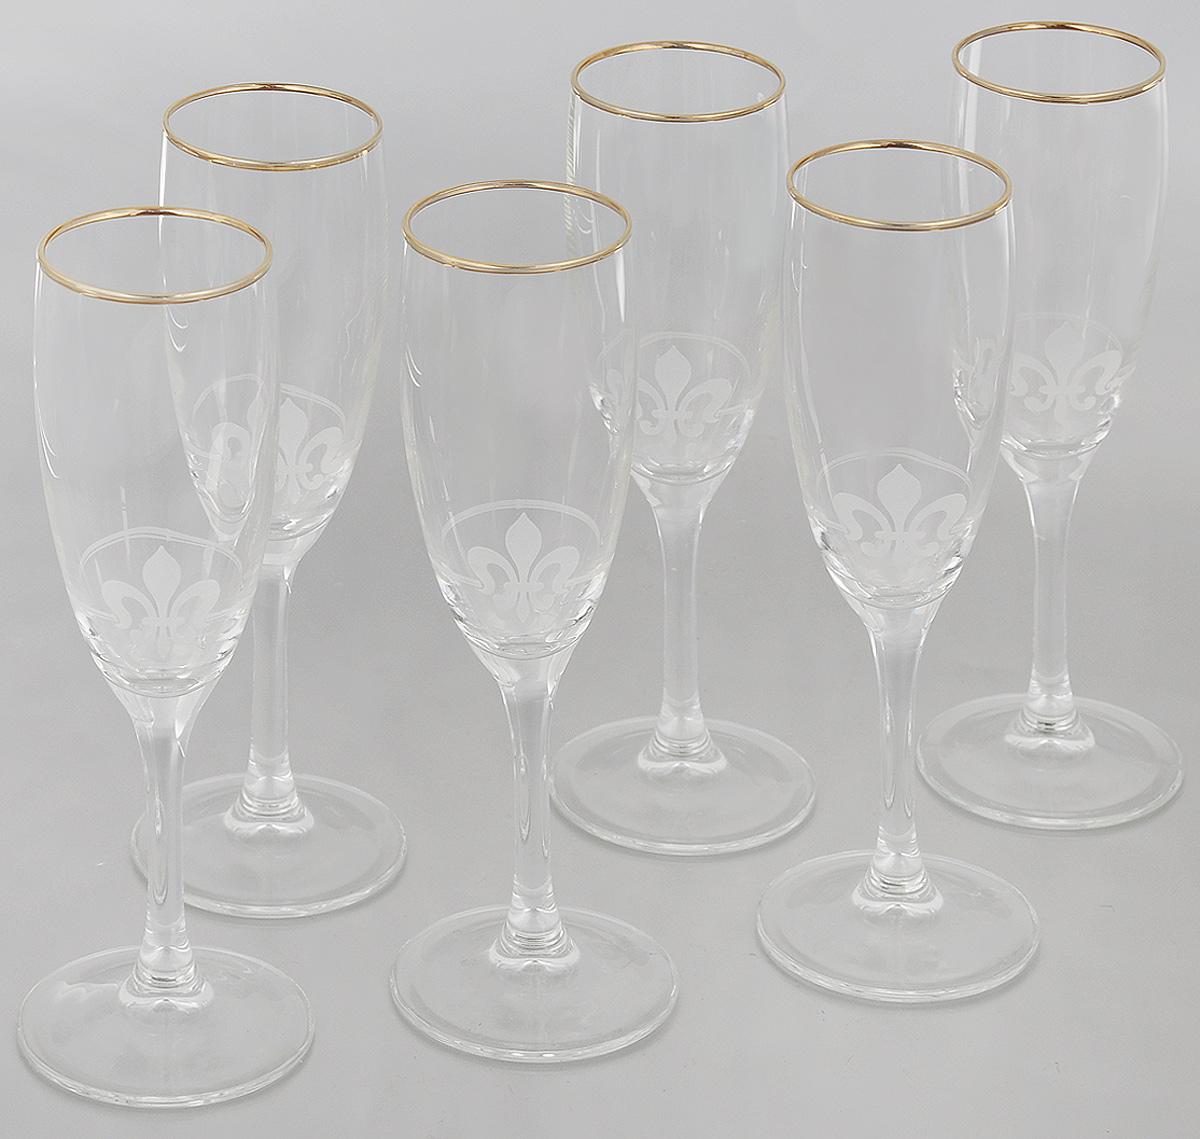 Набор бокалов Гусь-Хрустальный Королевская лилия, 170 мл, 6 штEL76-1687Набор Гусь-Хрустальный Королевская лилия состоит из 6 бокалов на длинных тонких ножках, изготовленных из высококачественного натрий-кальций-силикатного стекла. Изделия оформлены красивым зеркальной окантовкой и матовым узором. Бокалы предназначены для шампанского или вина. Такой набор прекрасно дополнит праздничный стол и станет желанным подарком в любом доме. Разрешается мыть в посудомоечной машине. Диаметр бокала (по верхнему краю): 5 см. Высота бокала: 20 см.